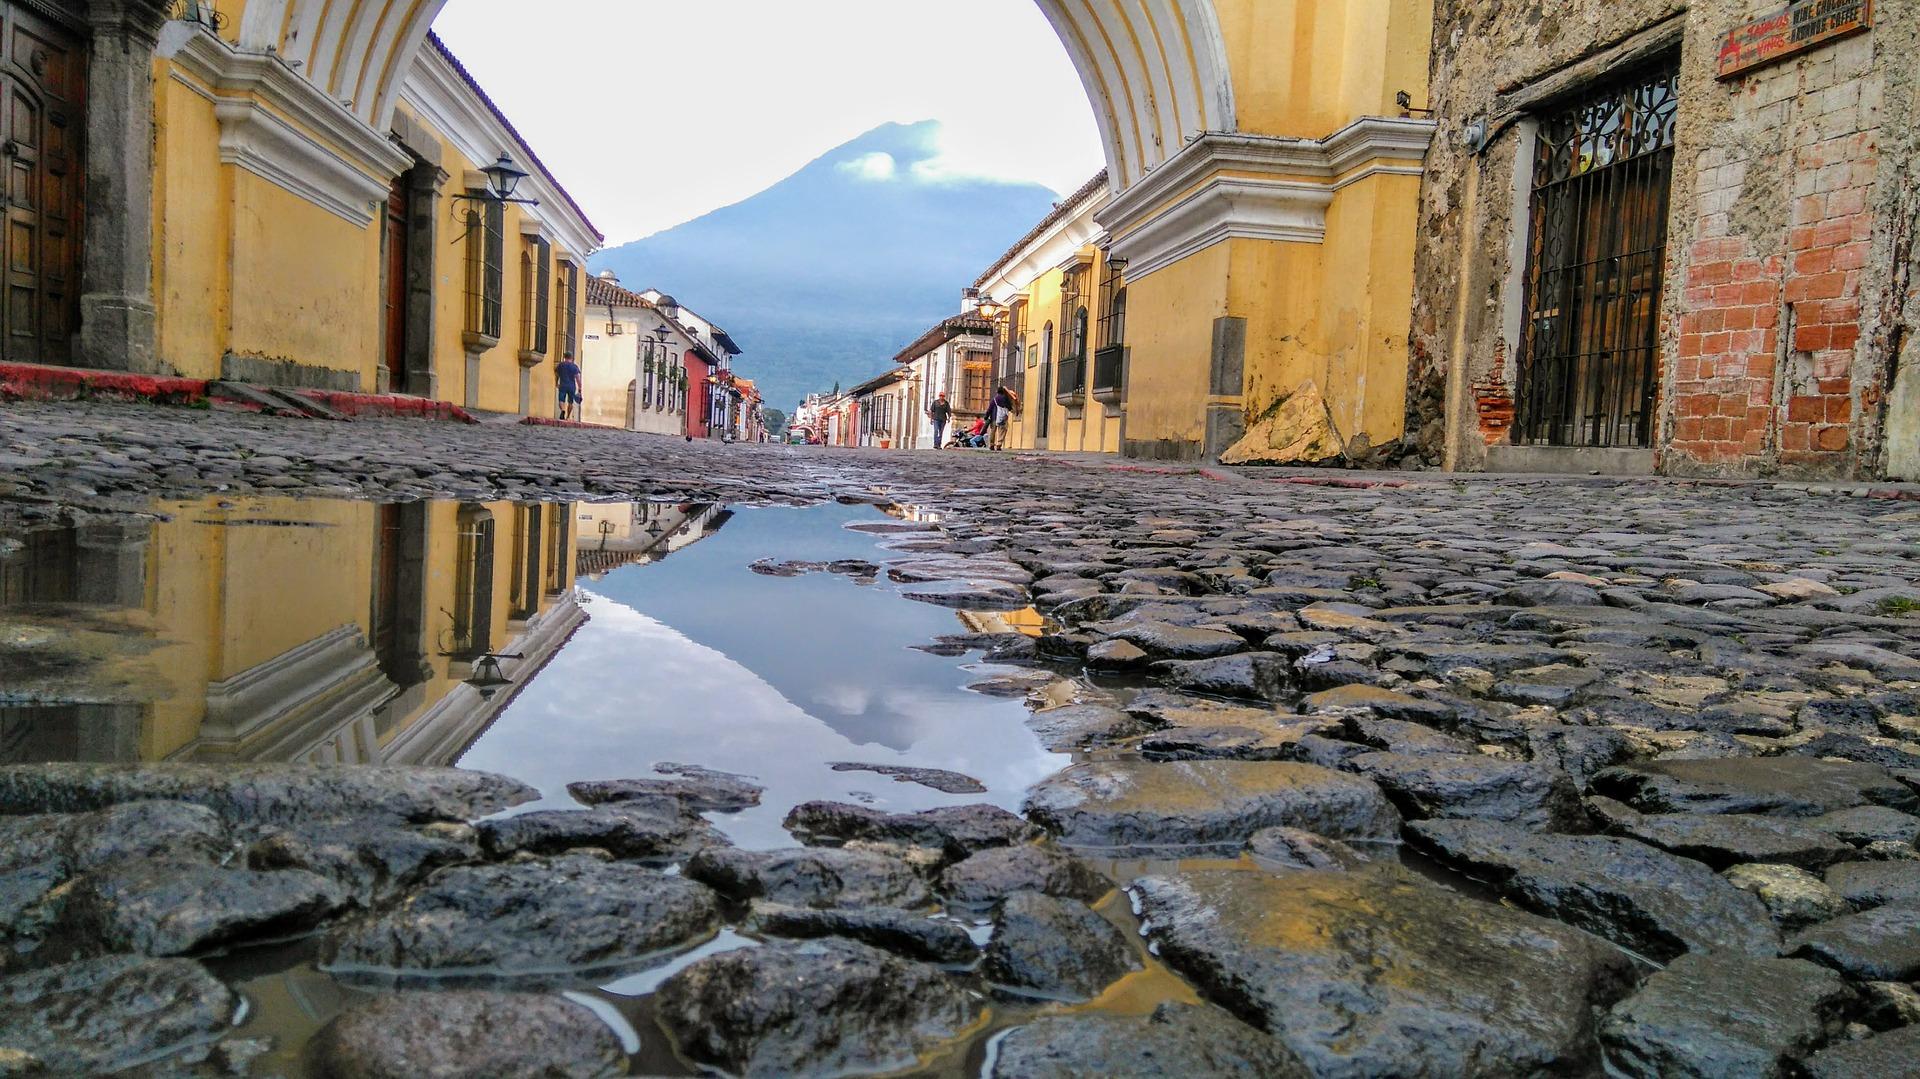 (A região leste da Guatemala é uma das mais atingidas pelas inundações durante a temporada de chuvas, que geralmente começa em maio e vai até novembro. Foto: Reprodução/Pixabay)